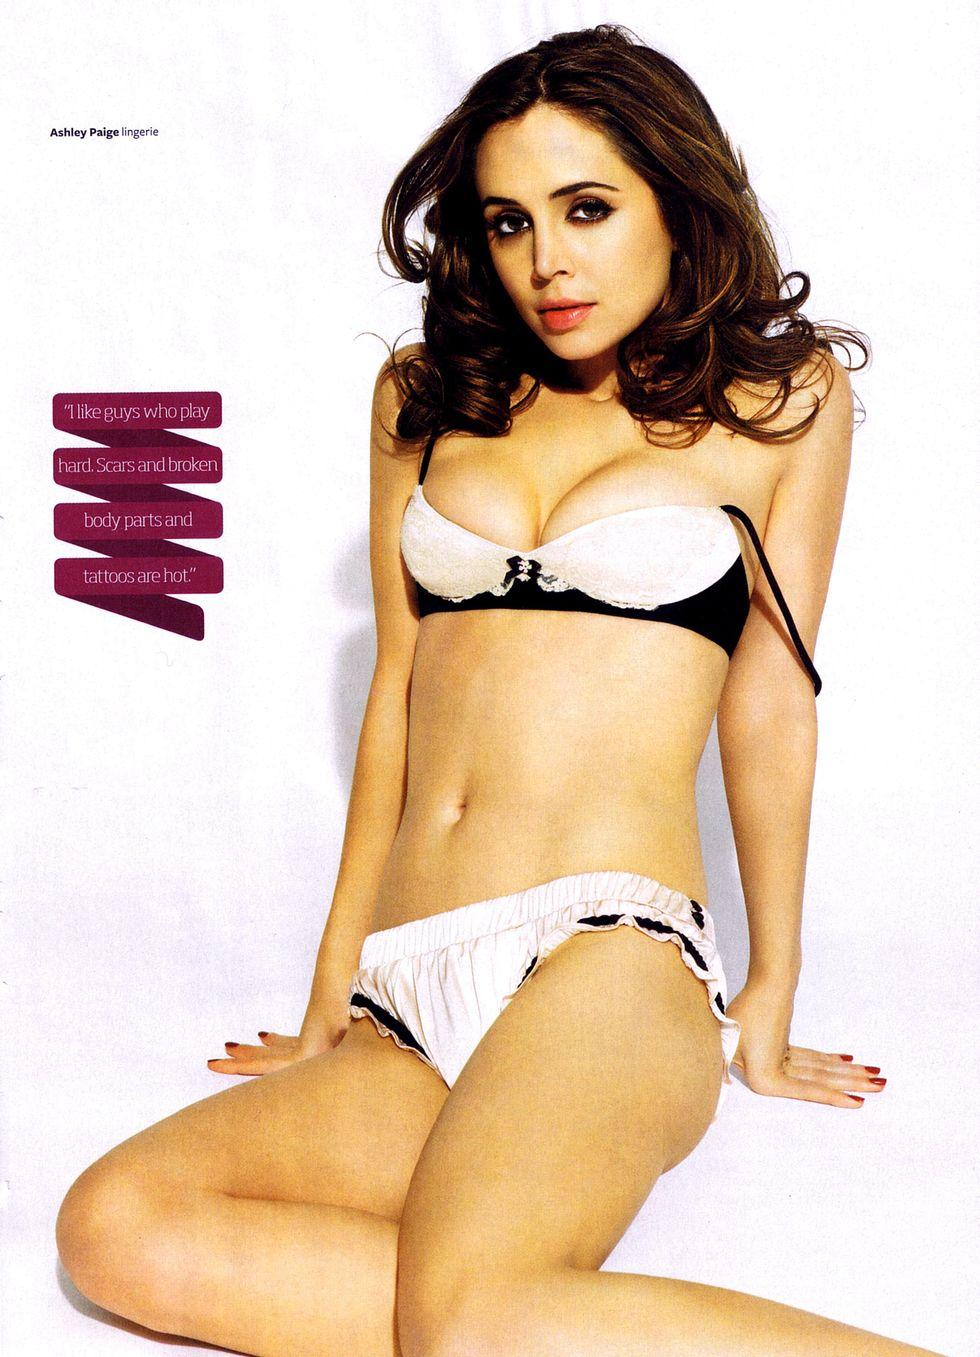 eliza-dushku-maxim-magazine-march-2009-03